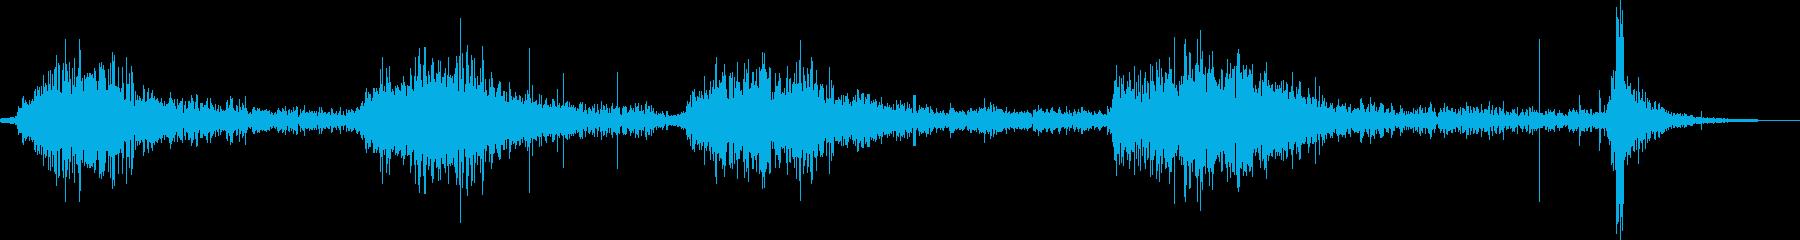 【ゲーム】 火 属性 08の再生済みの波形